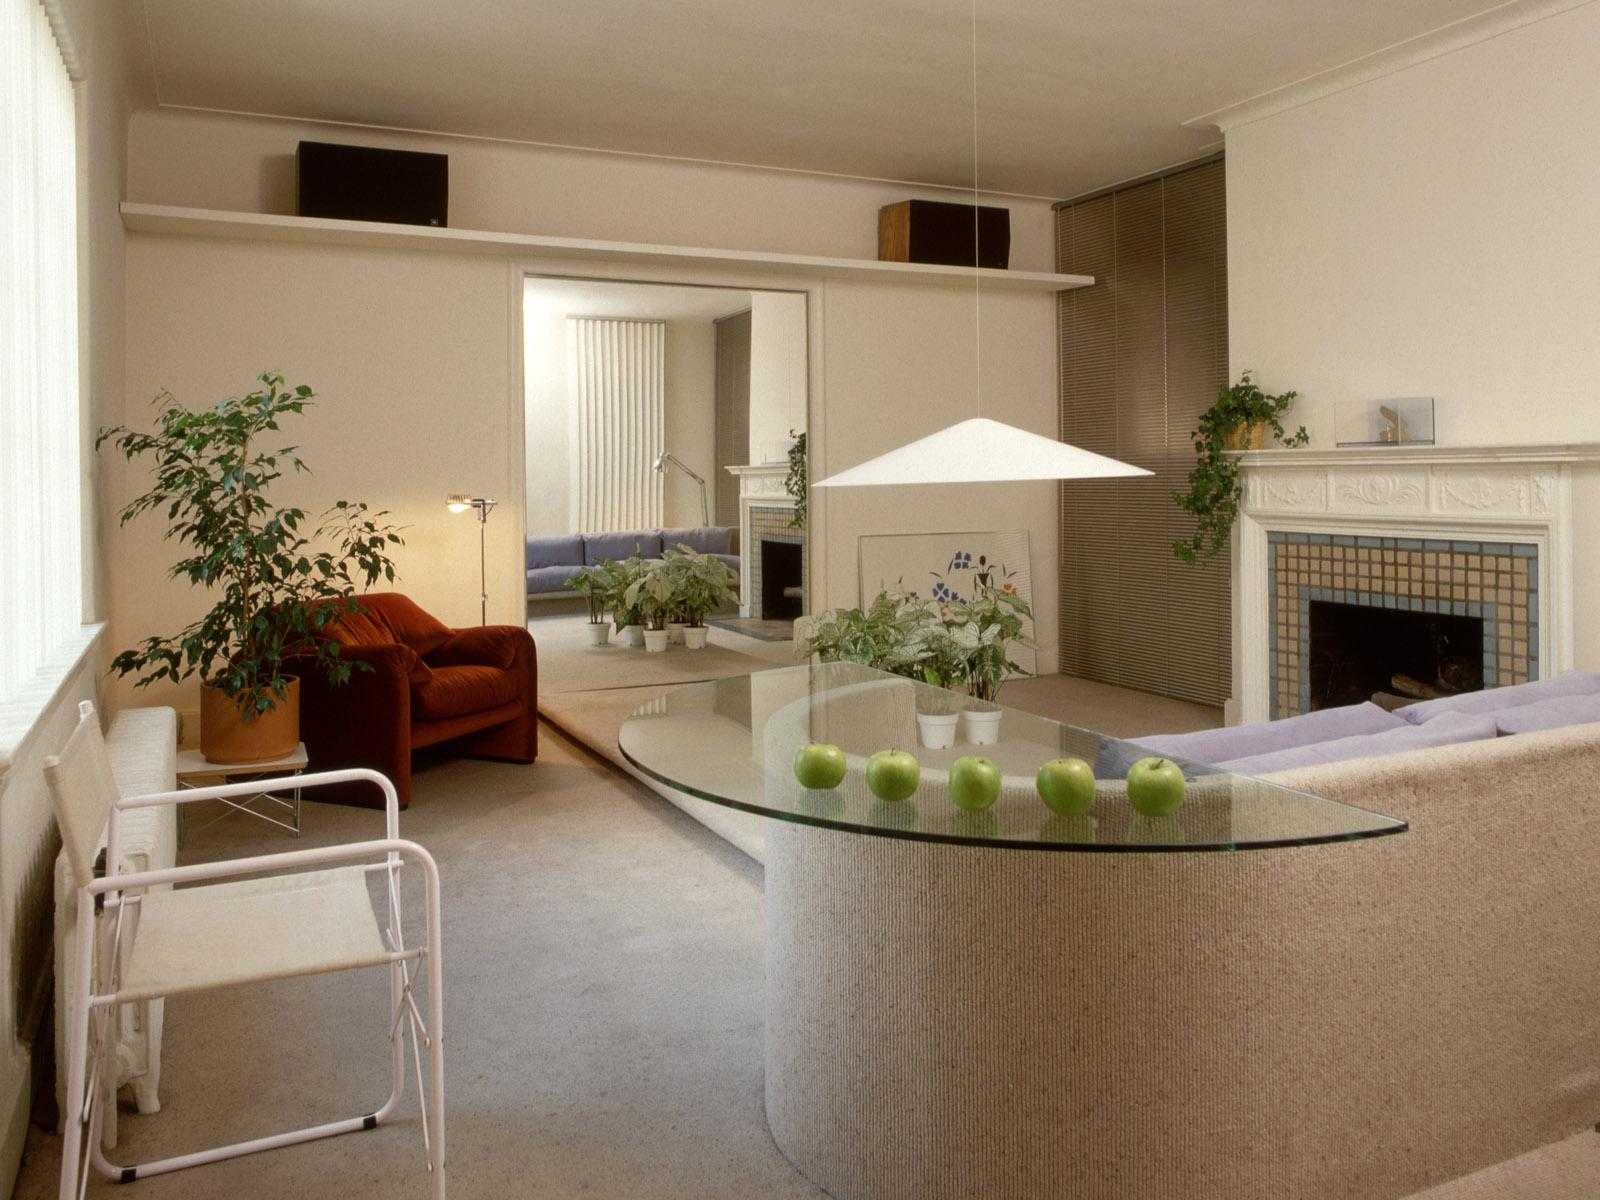 interior design ideas house interior designinterior design wallpaper 1600x1200